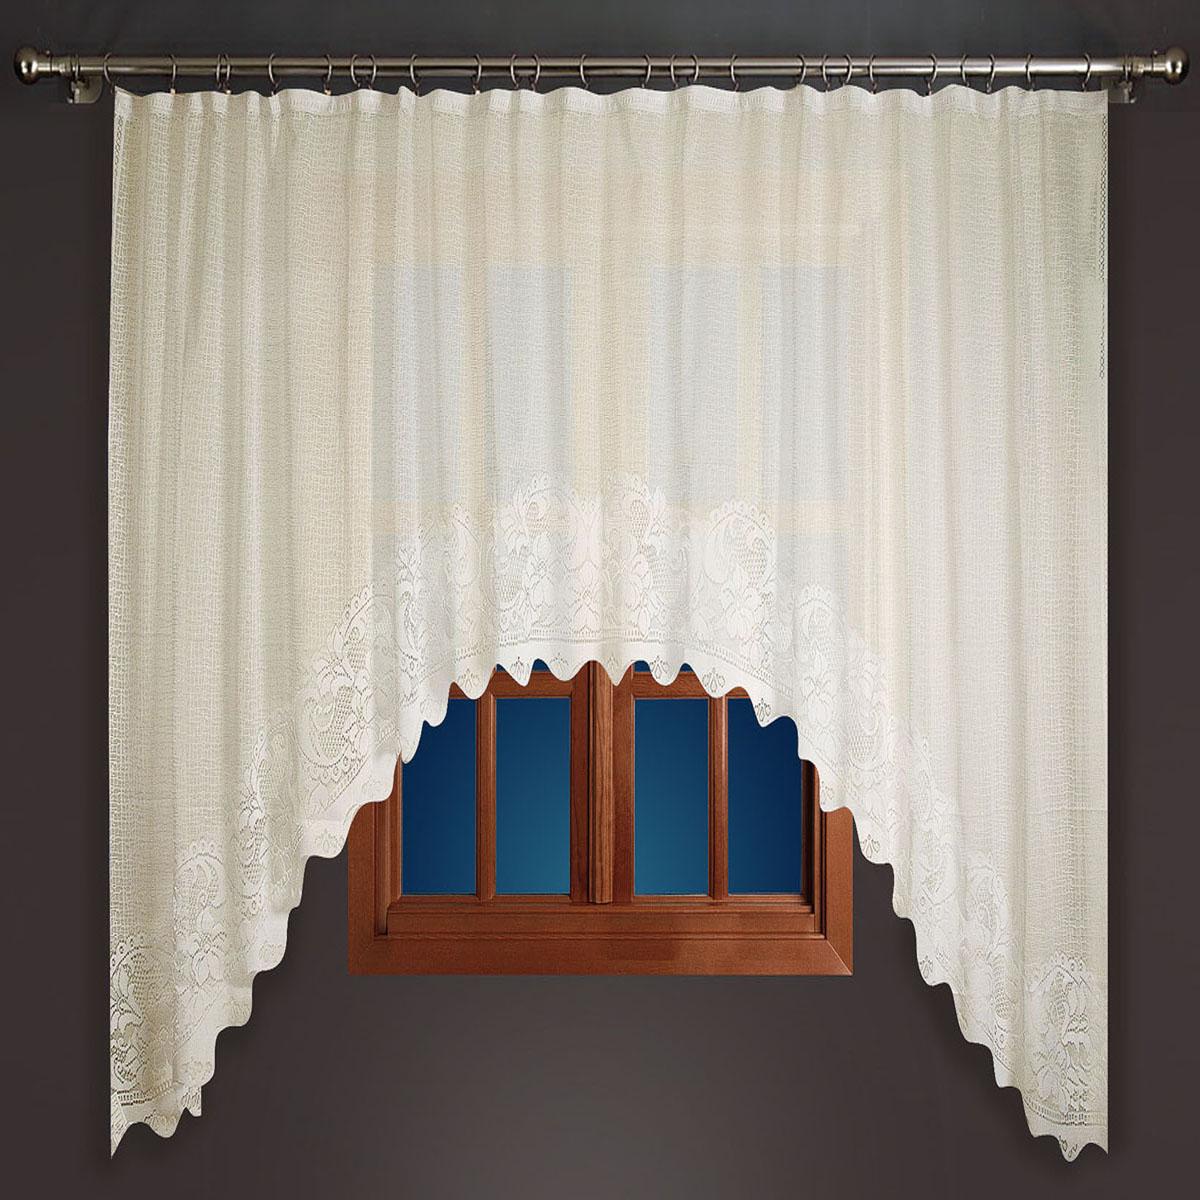 Гардина Zlata Korunka, на зажимах, цвет: бежевый, высота 180 см. 8886588865Гардина-арка Zlata Korunka, изготовленная из высококачественного полиэстера, станет великолепным украшением любого окна. Изящный цветочный узор привлечет к себе внимание и органично впишется в интерьер комнаты. Оригинальное оформление гардины внесет разнообразие и подарит заряд положительного настроения.Крепится на зажимах для штор (не входят в комплект).